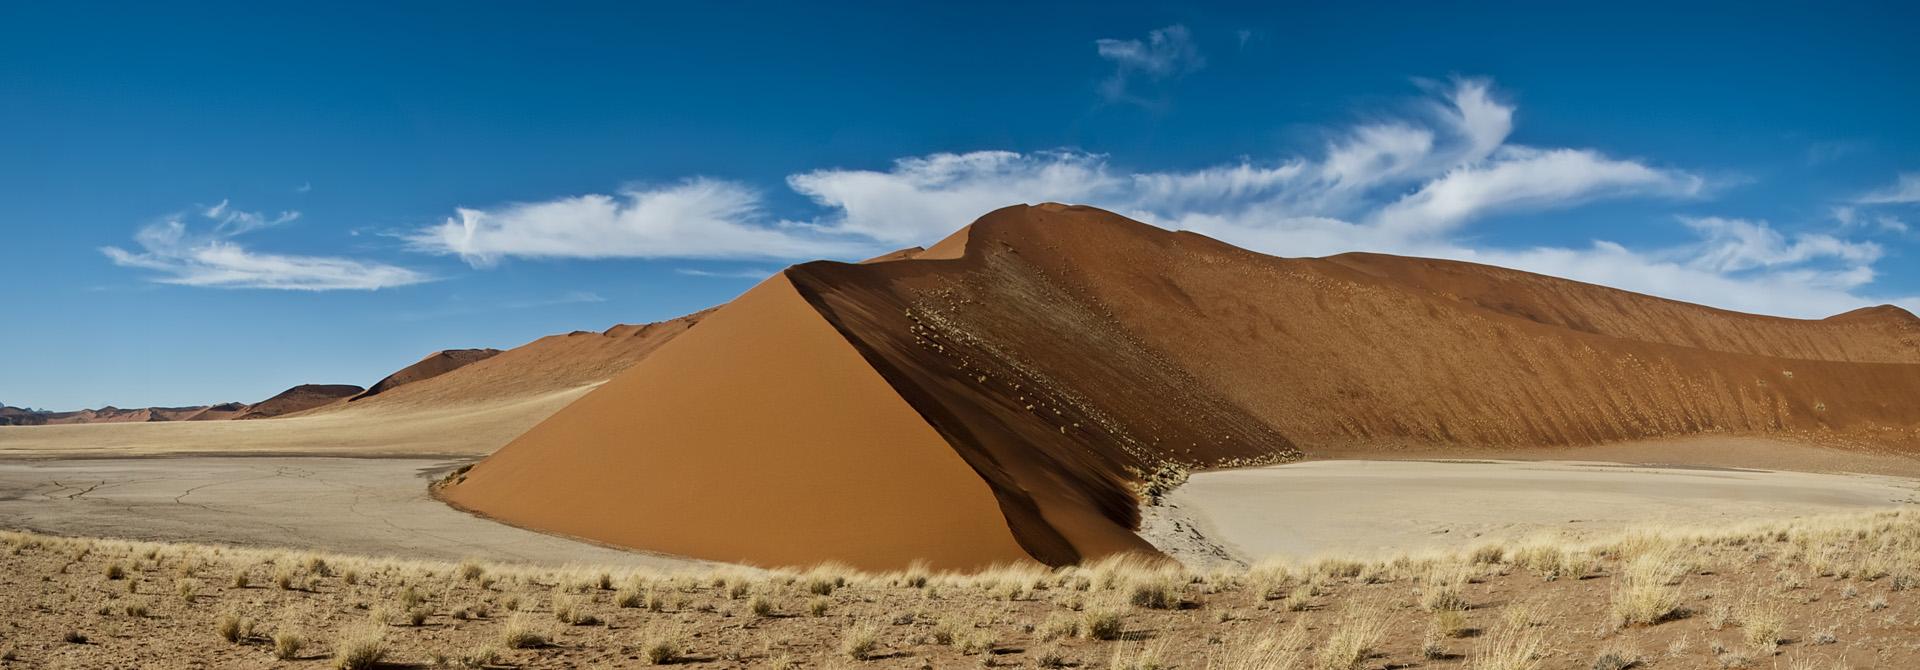 Namibia-Sossusvlei-Dunes-by-Olwen-Evans